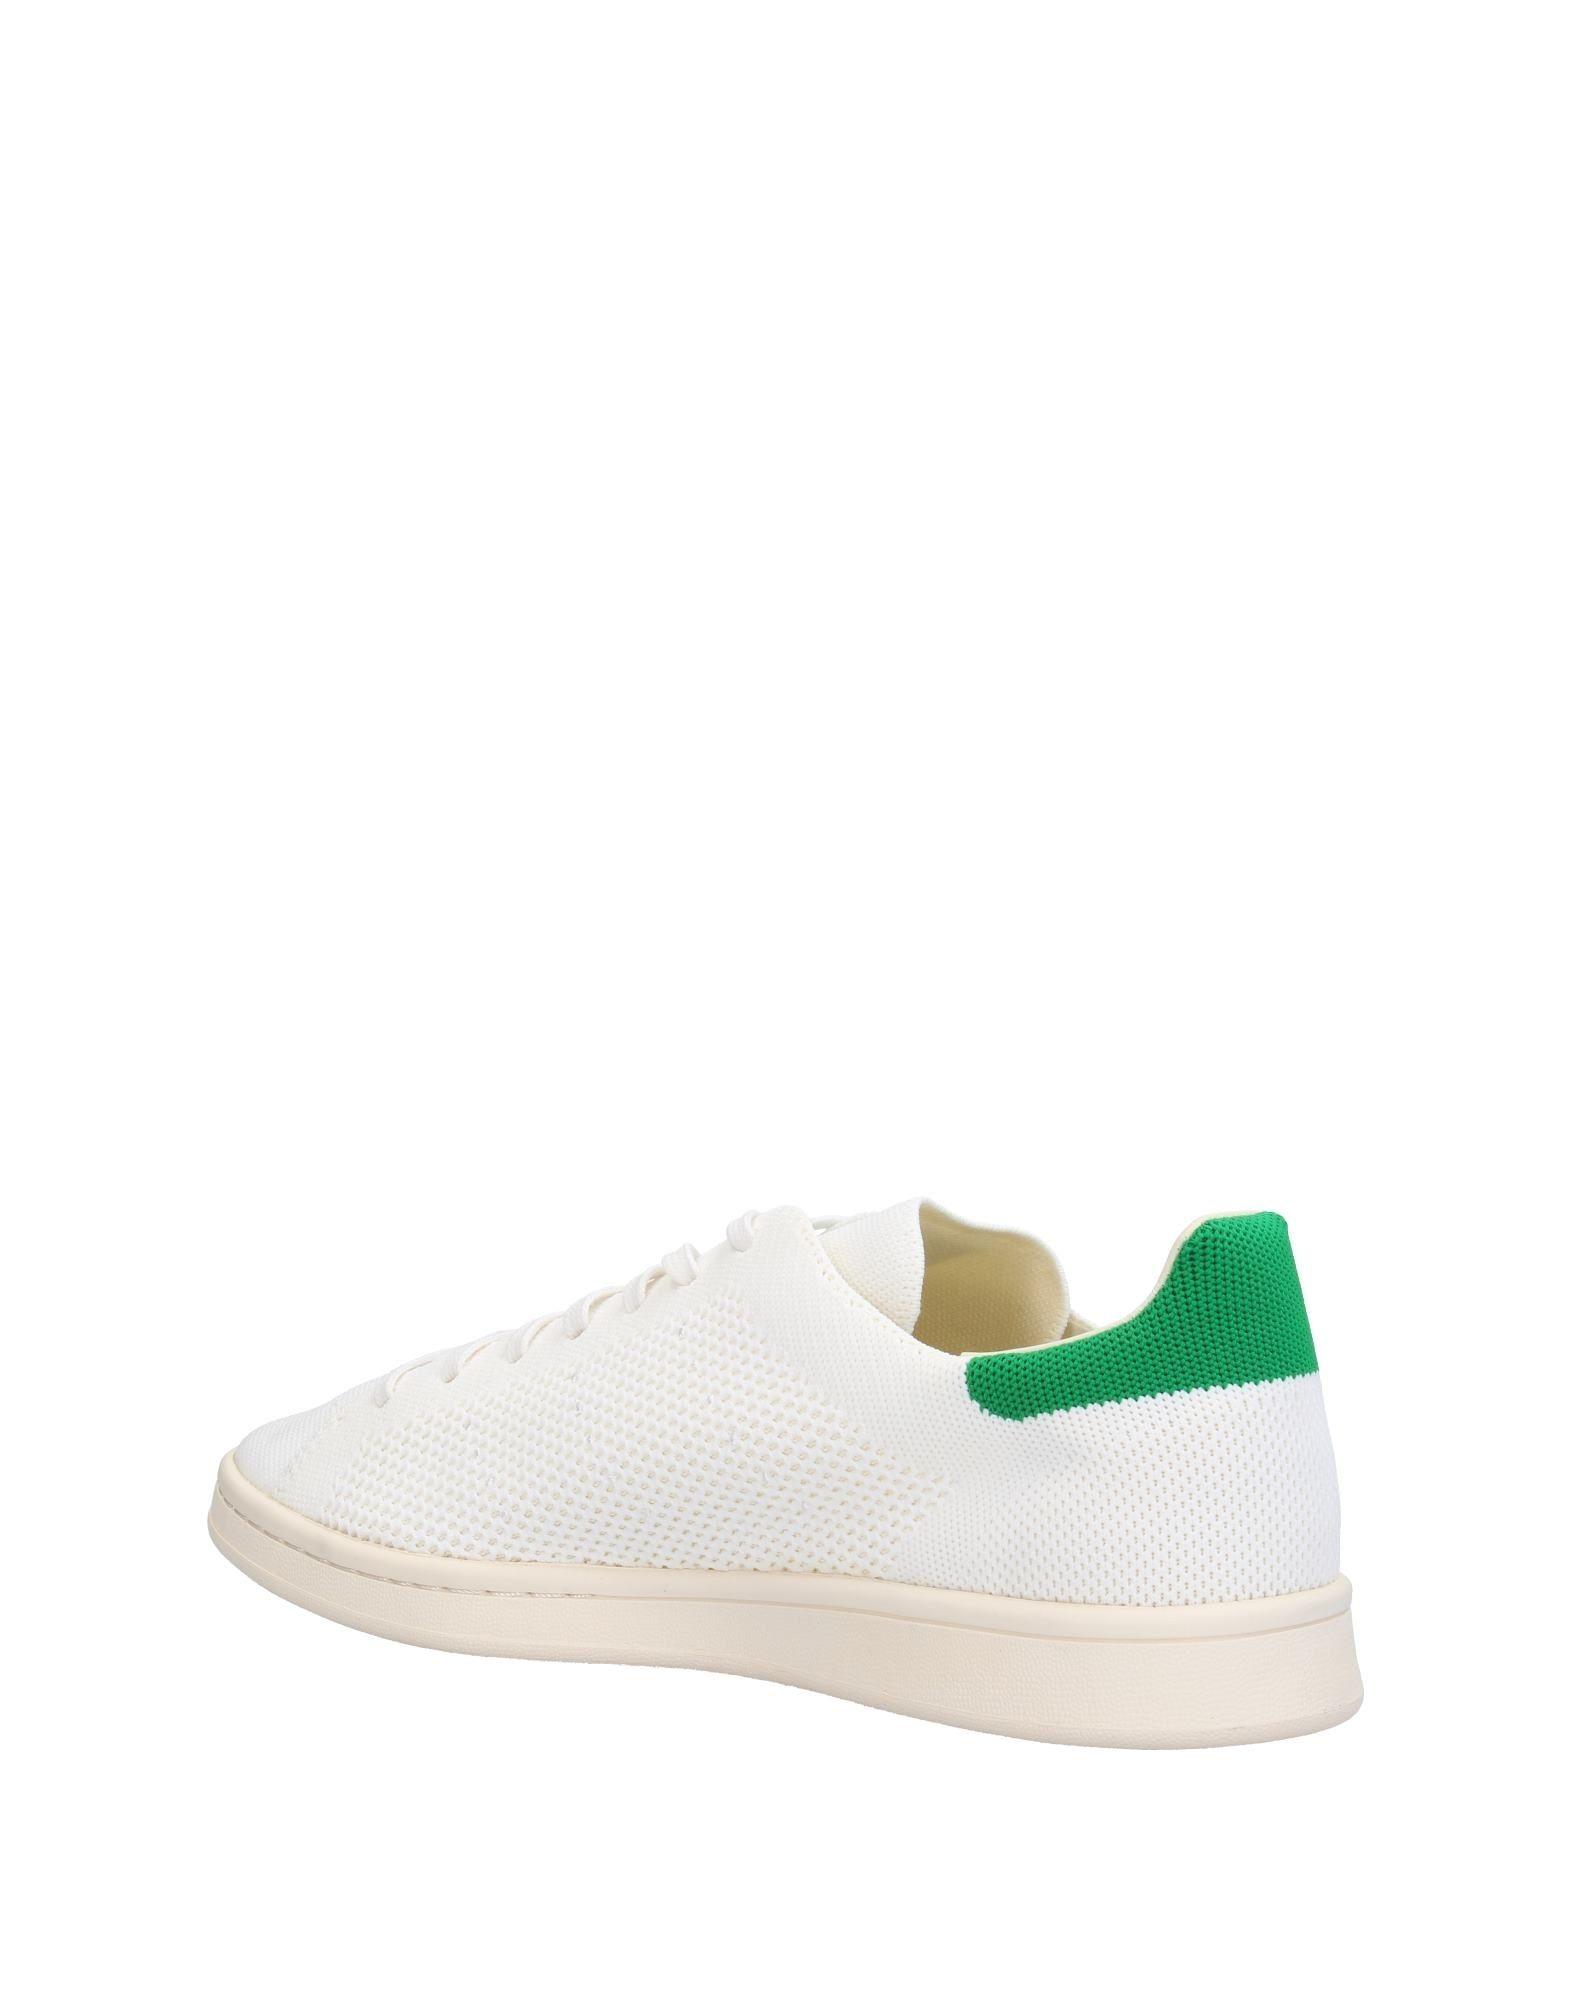 Rabatt Sneakers echte Schuhe Adidas Originals Sneakers Rabatt Herren  11379714IX 02b99f